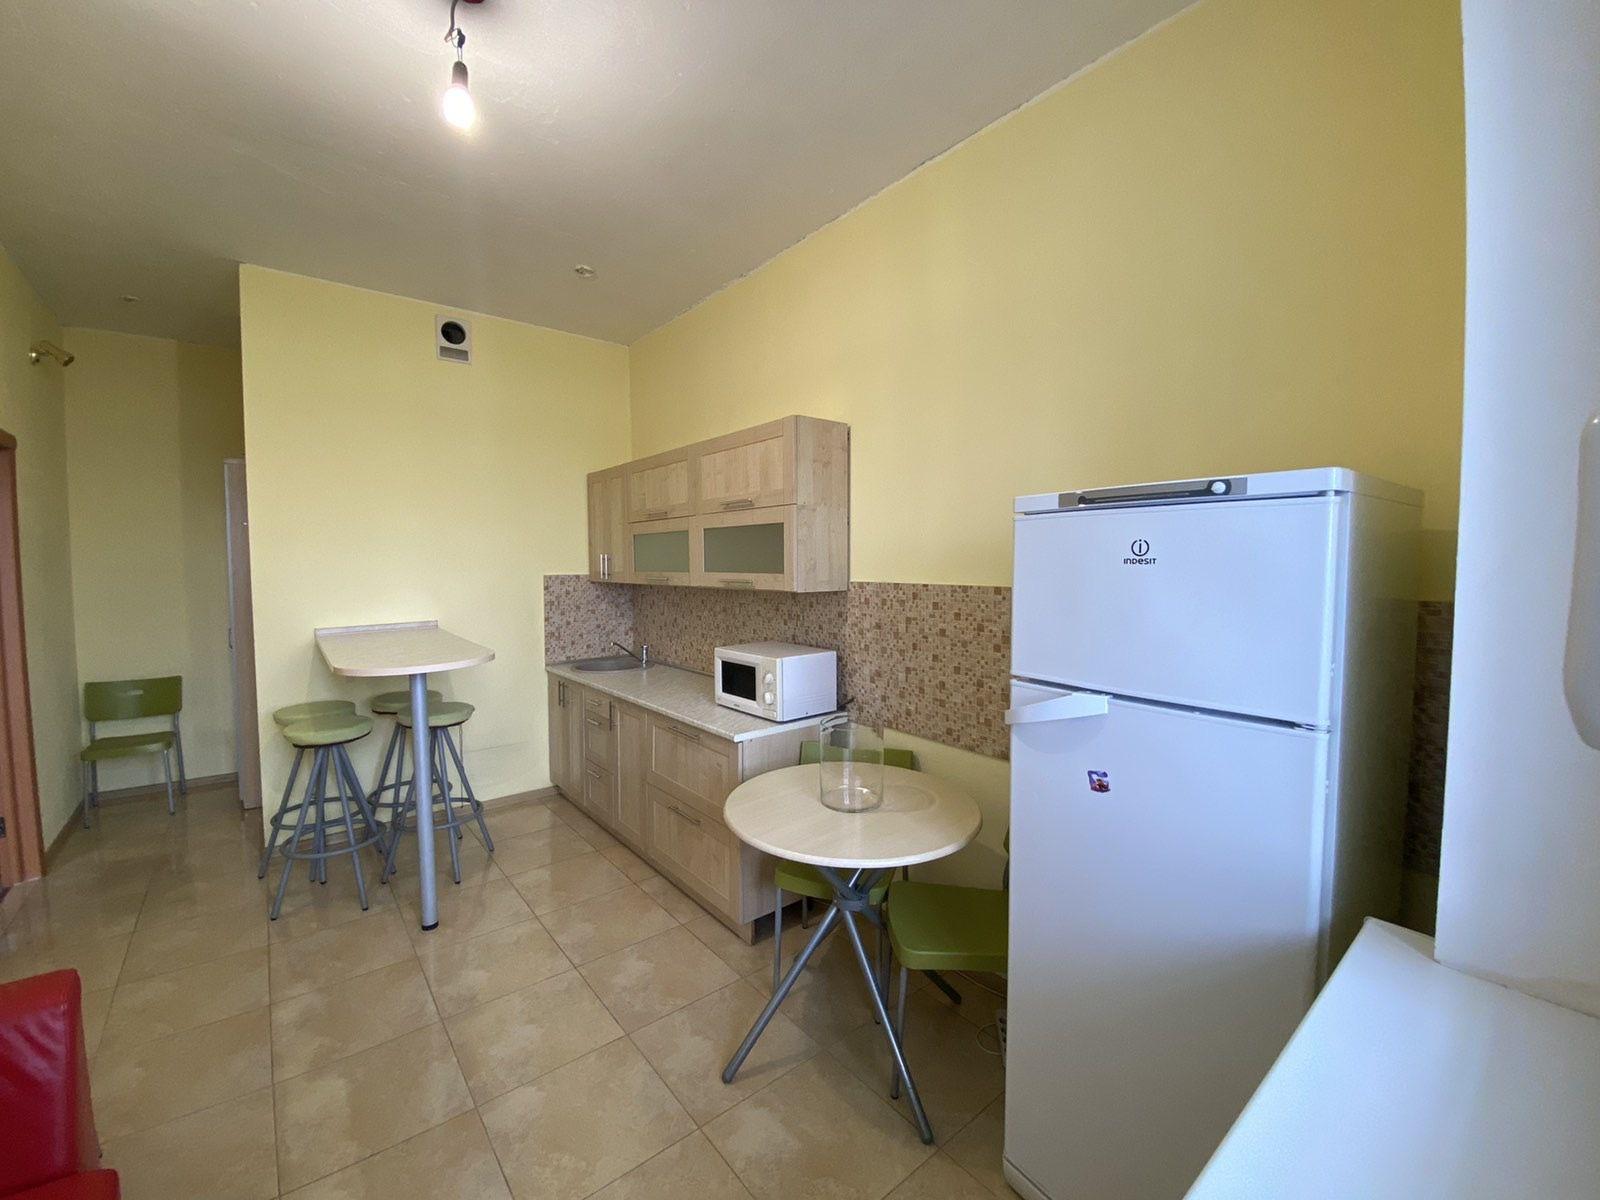 Квартира W-6020573, Хоткевича Гната (Красногвардейская), 12, Киев - Фото 14